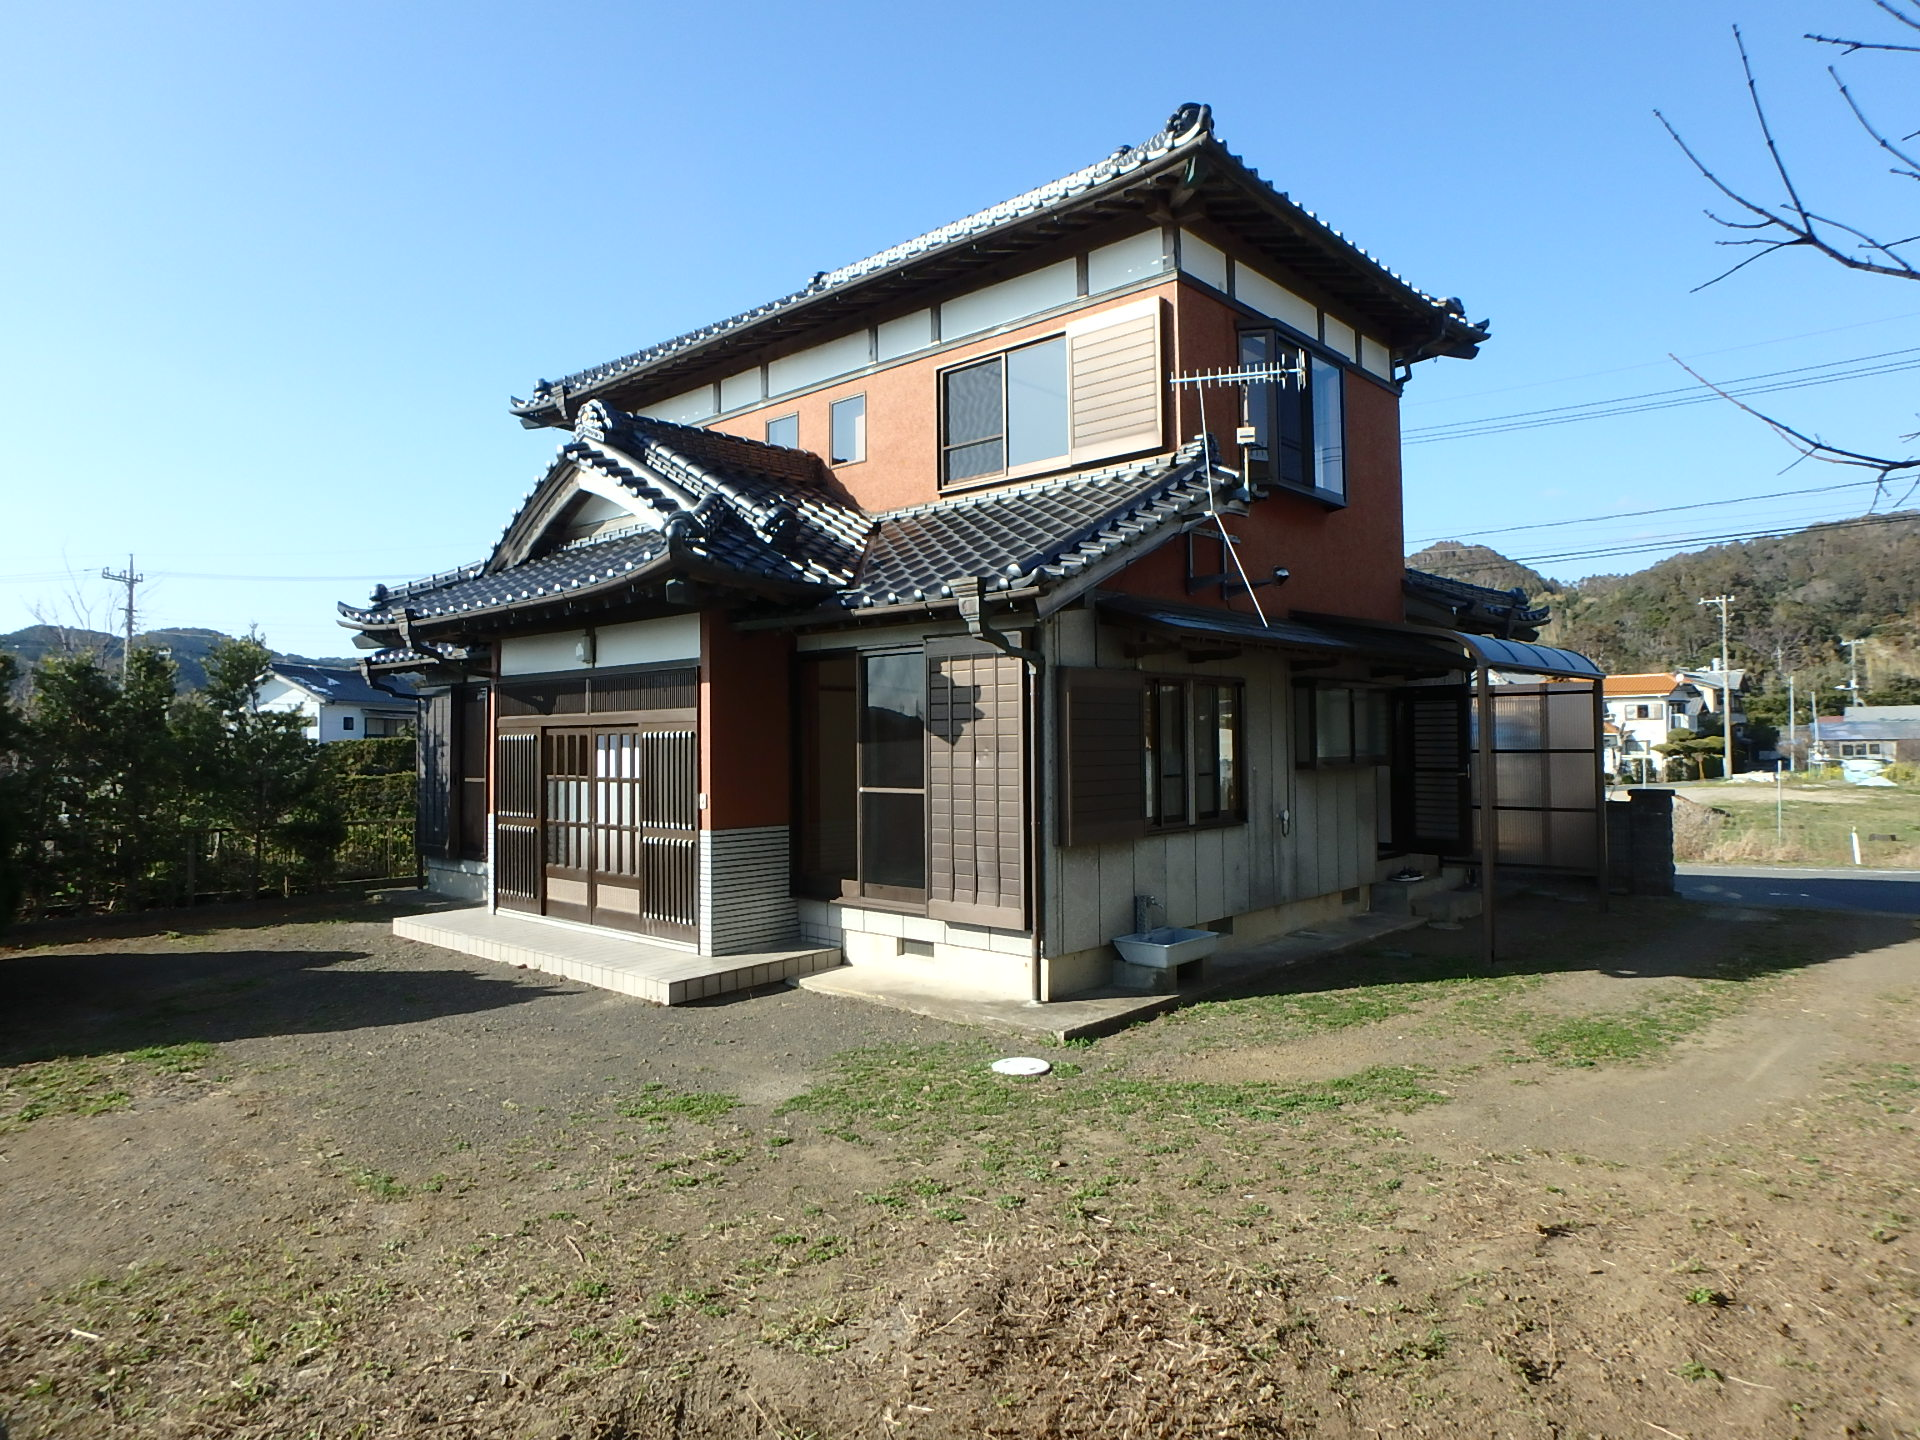 千葉県南房総市山下の不動産、中古住宅、リフォーム済み、価格変更値下げ